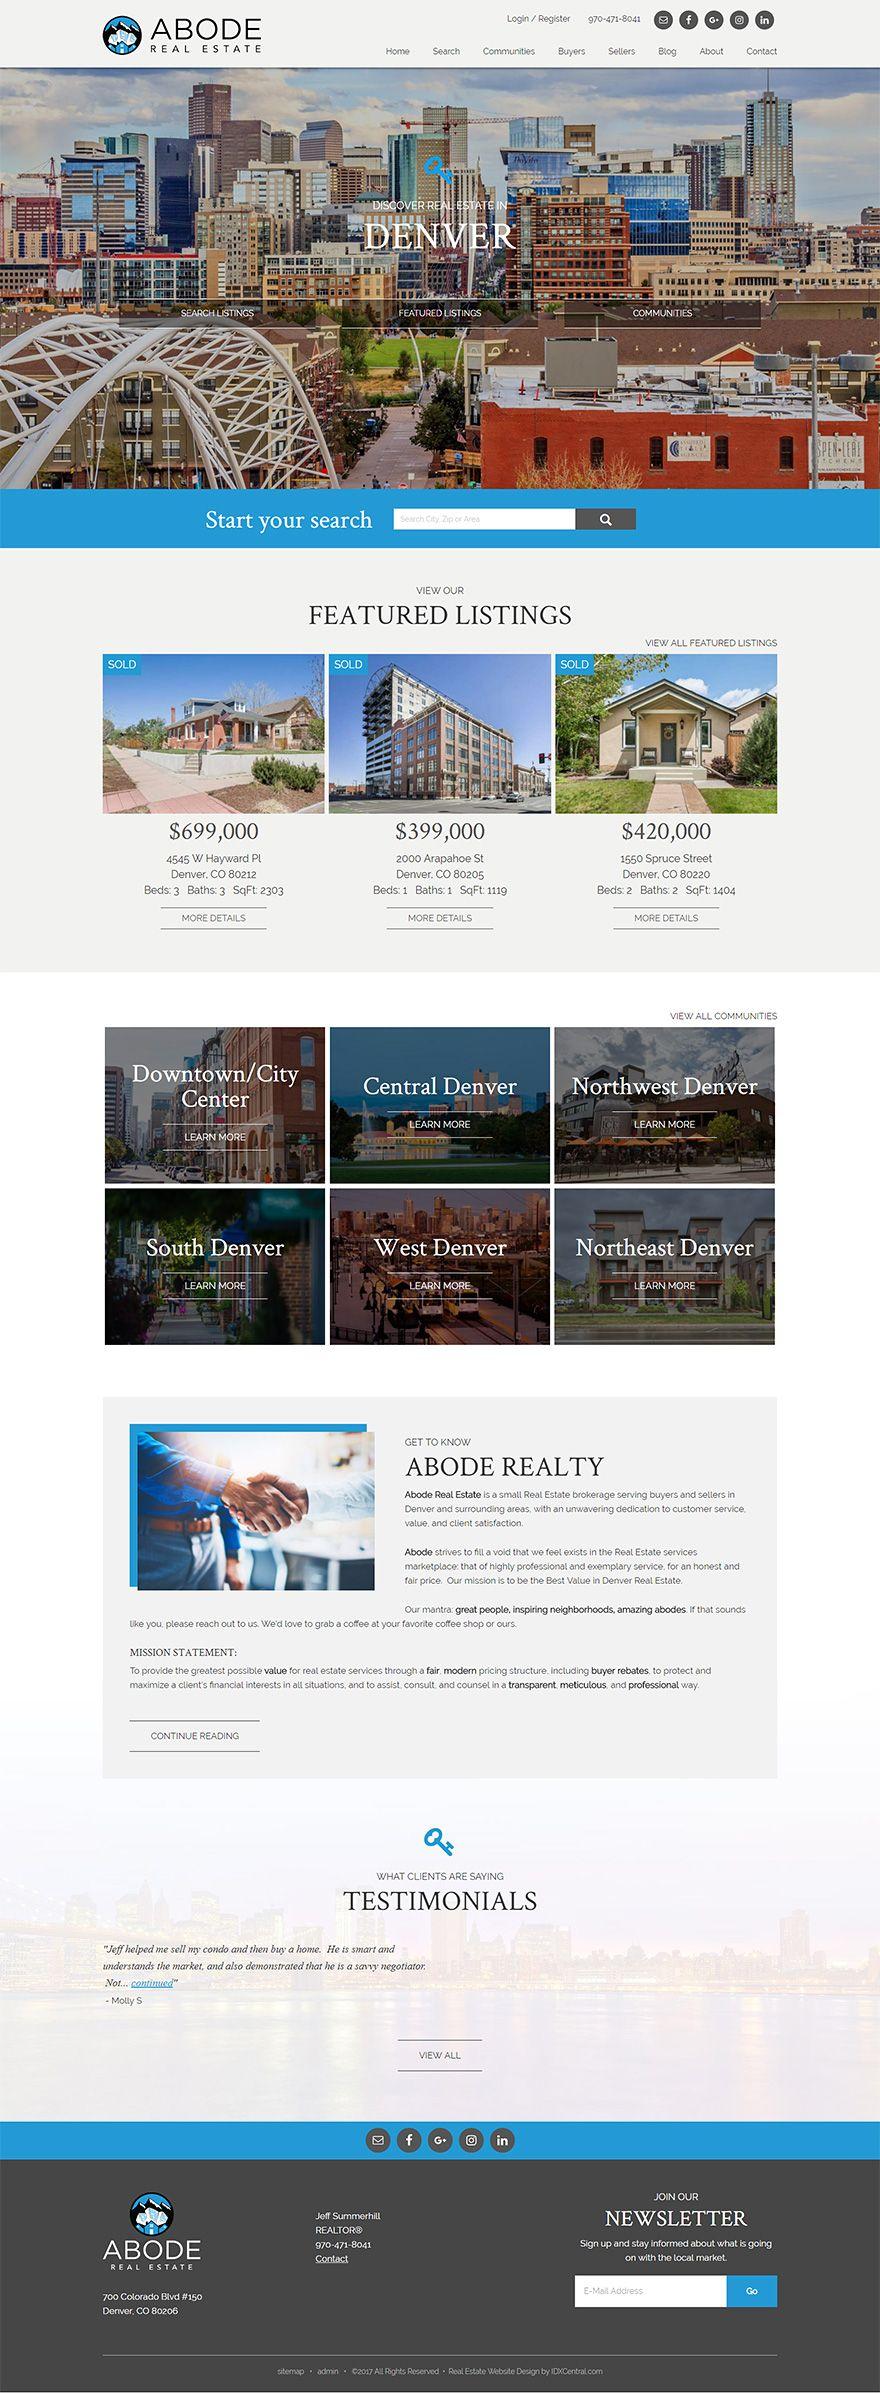 Denver Colorado Abode Real Estate Is A Small Denver Colorado Real Estate Brokerage With O Real Estate Website Design Colorado Real Estate Real Estate Website